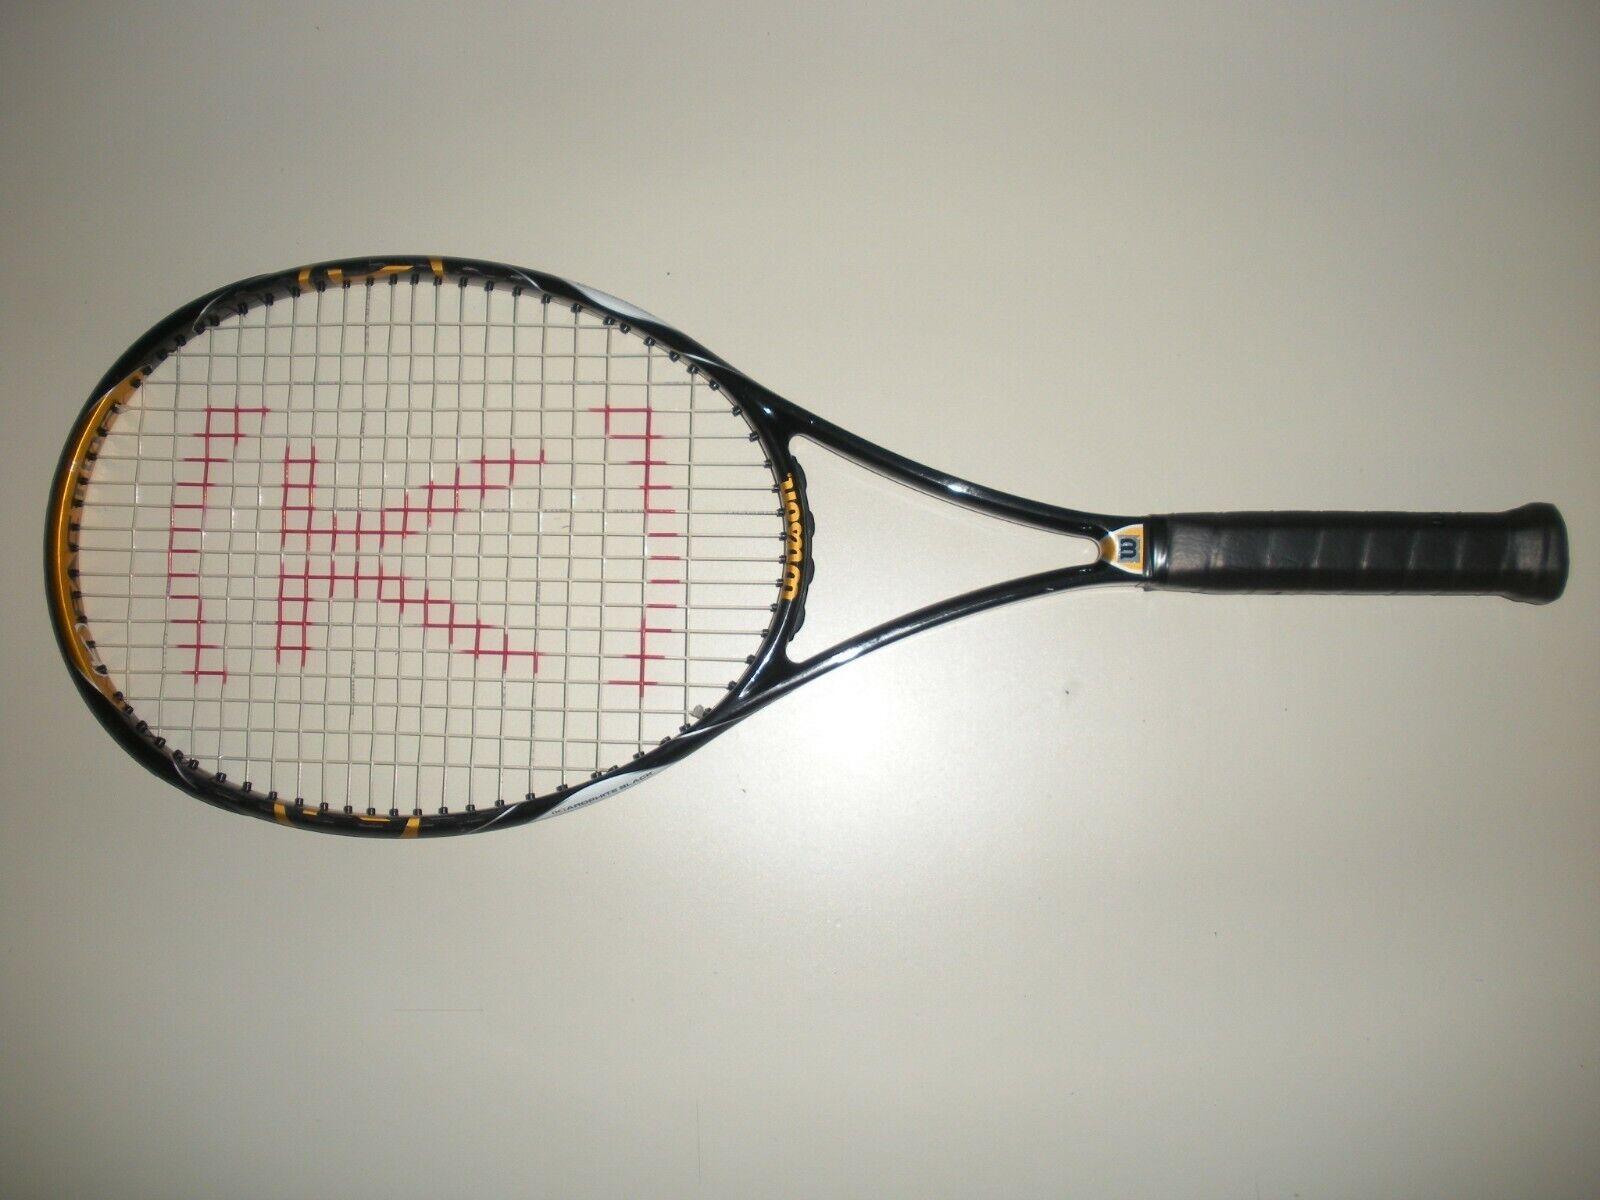 Wilson K-factor K-Blade 98  18X20 tenis raqueta 4 1 2 (nuevas cuerdas)  Venta en línea de descuento de fábrica